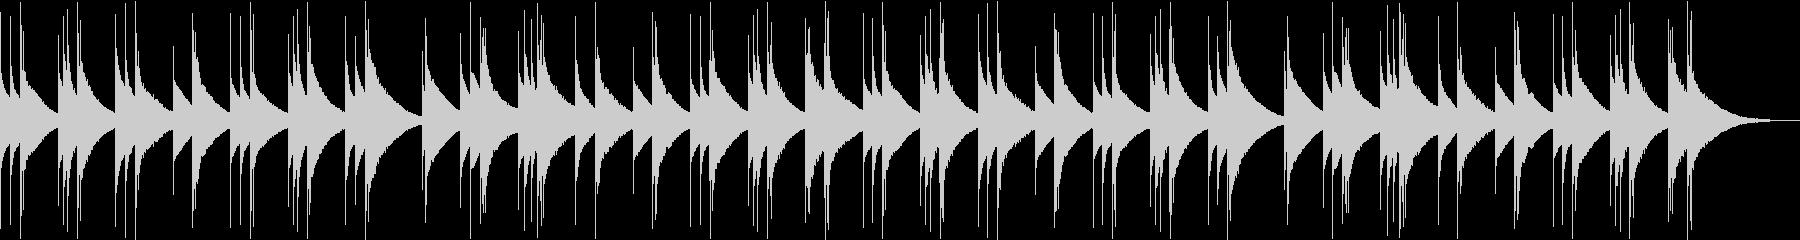 アメイジンググレイス オルゴールver.の未再生の波形